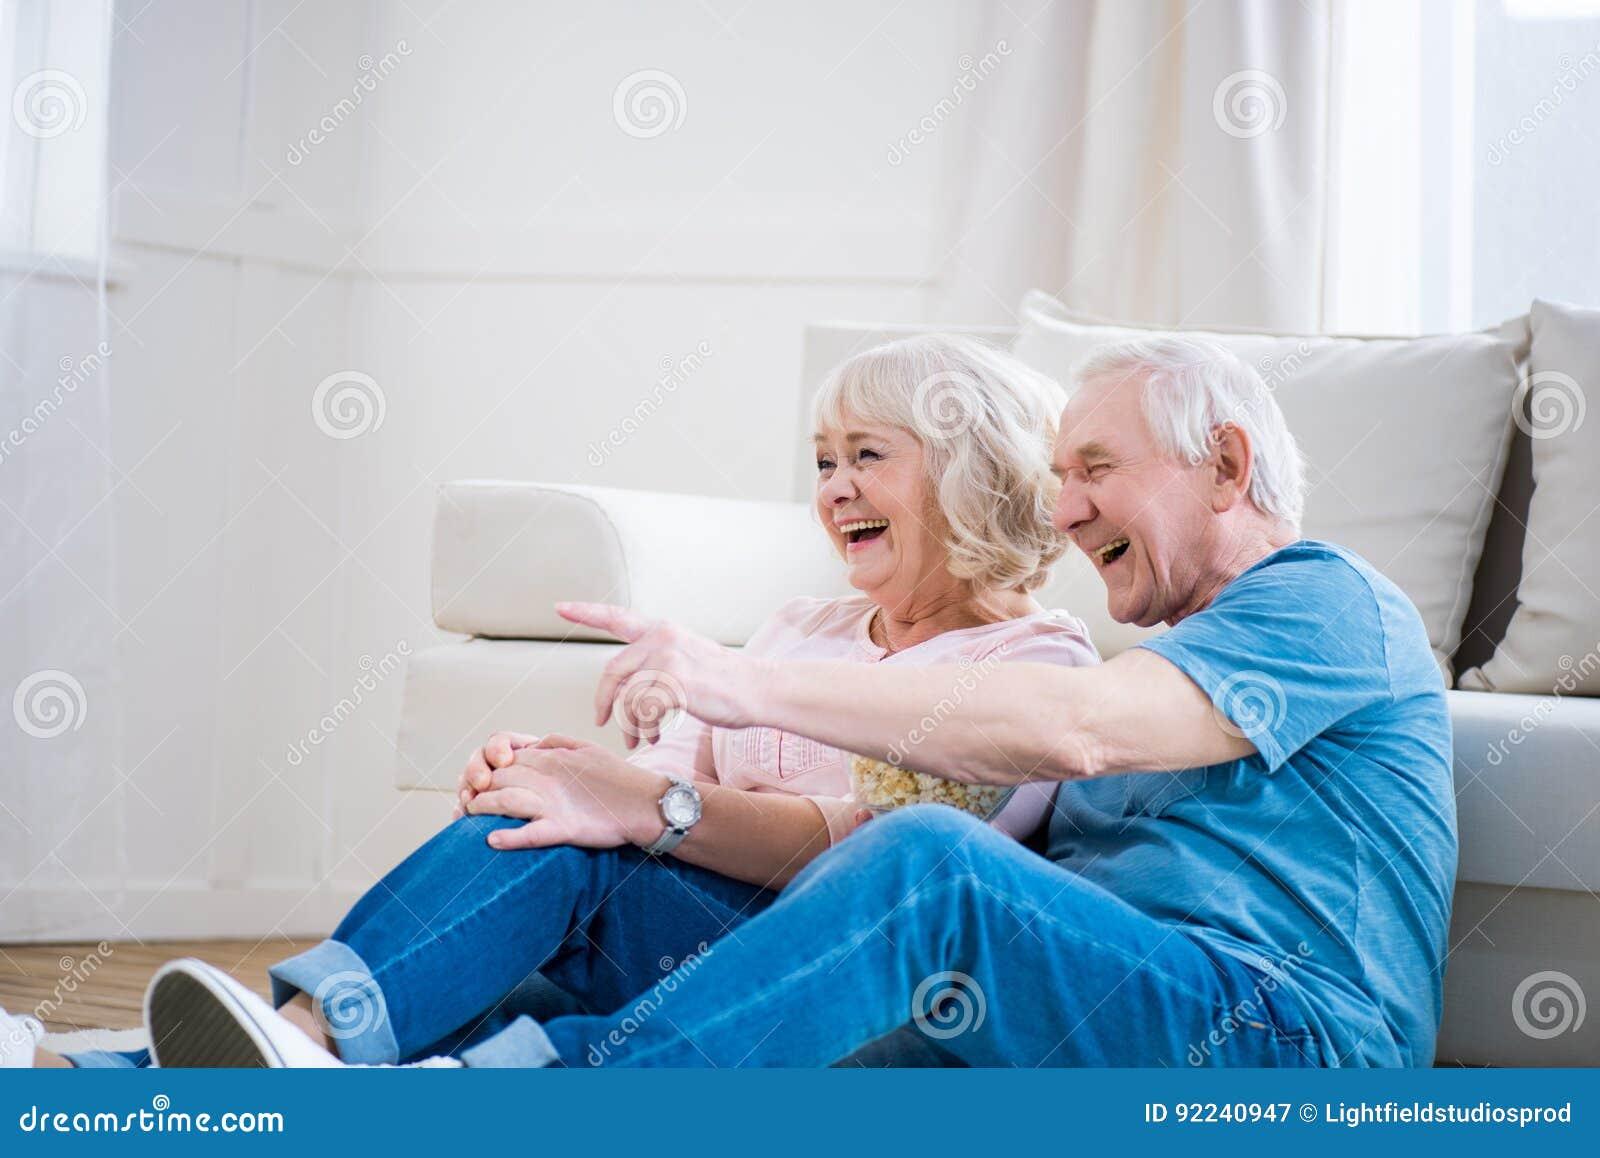 Höga par som skrattar och sitter på golvet, peka för man